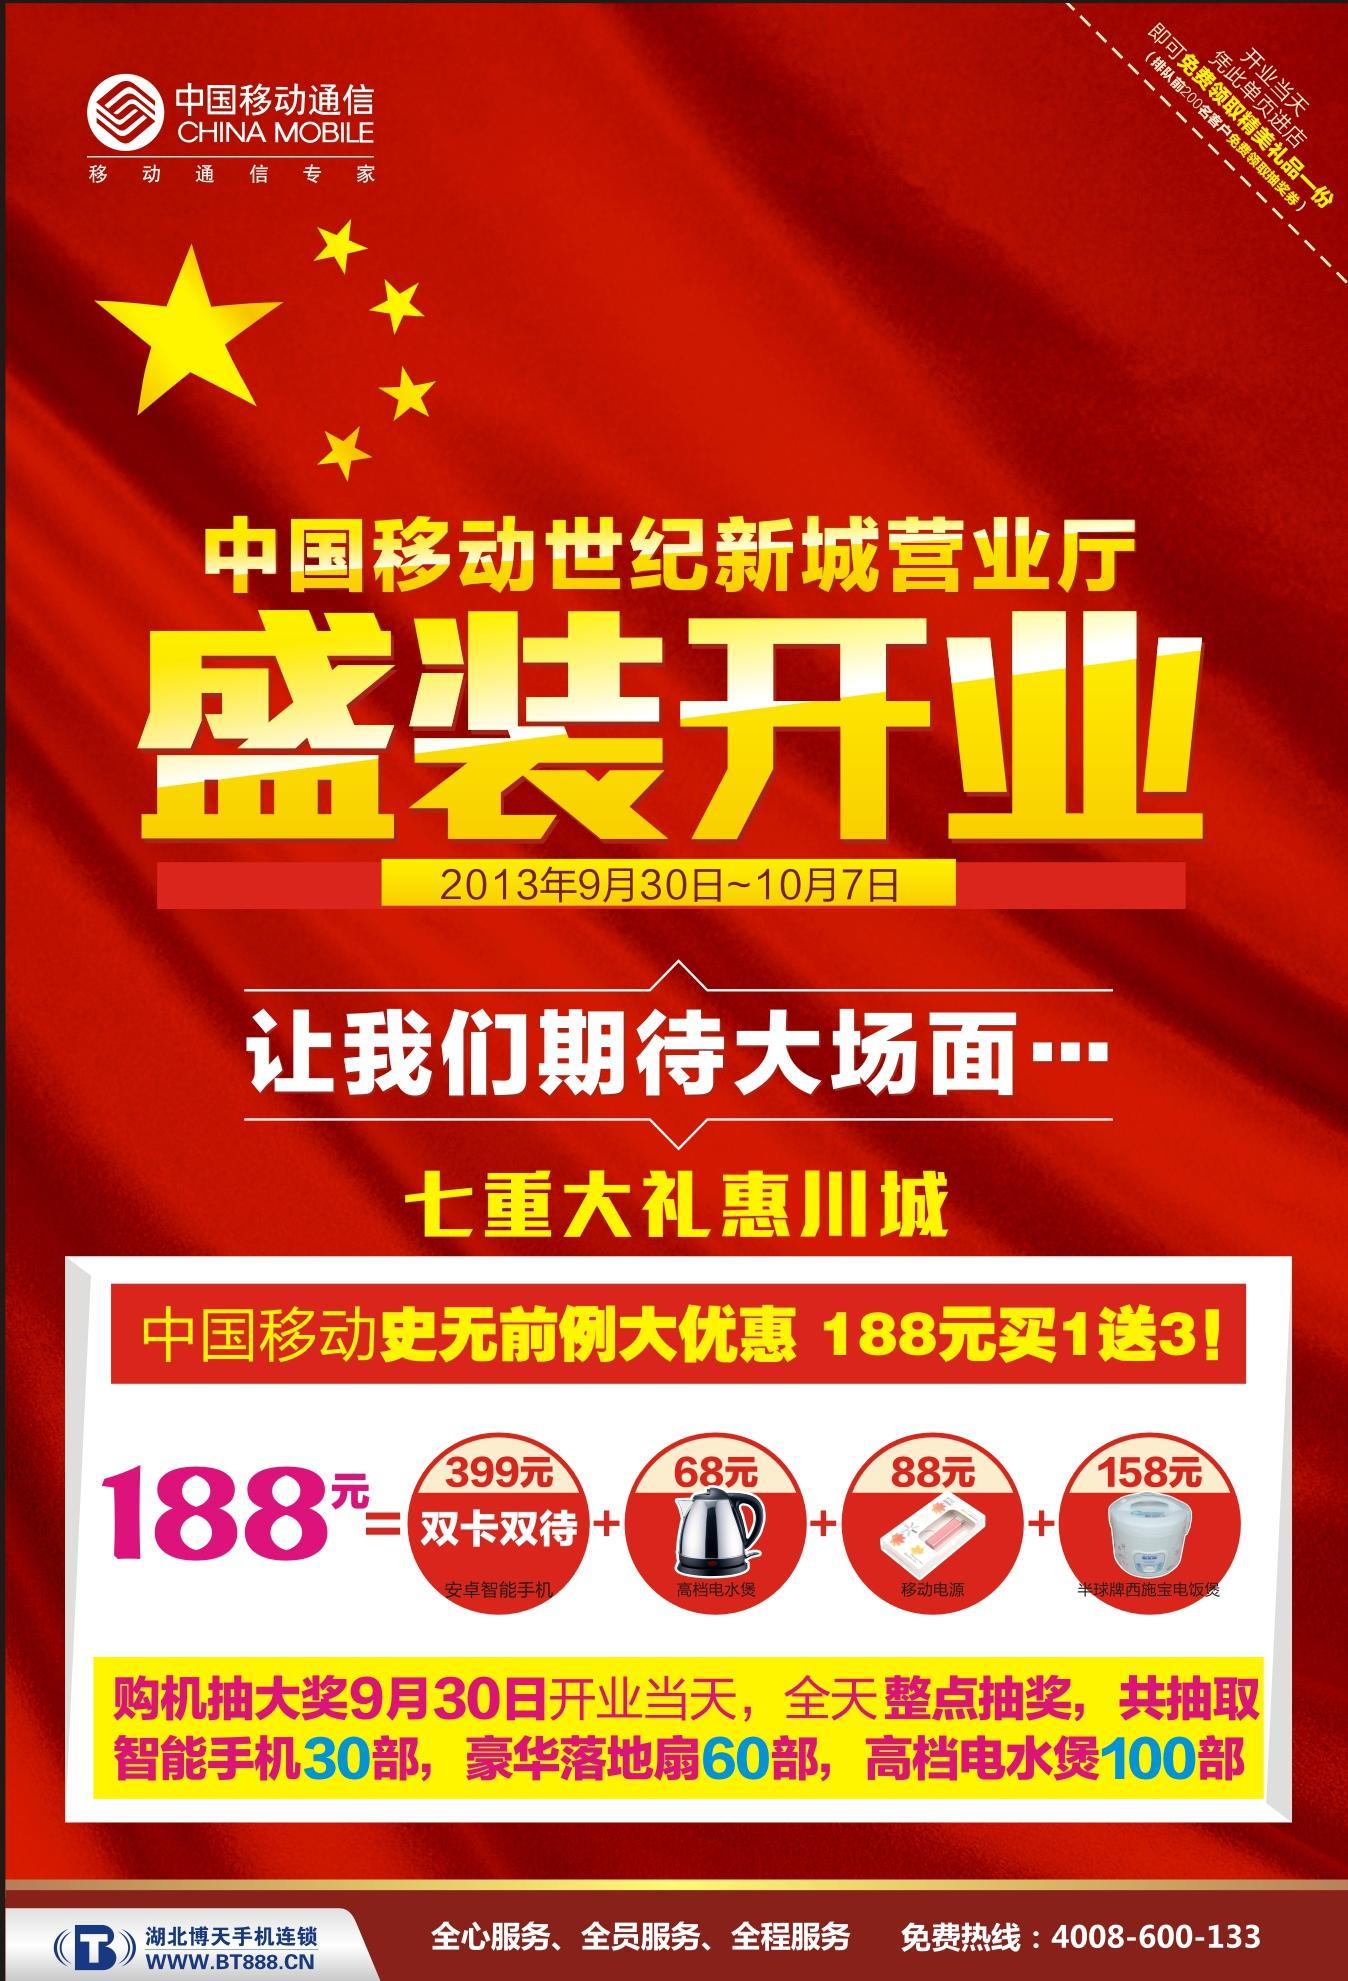 商家宣传单广告移动开业迎国庆 七重大礼惠川城